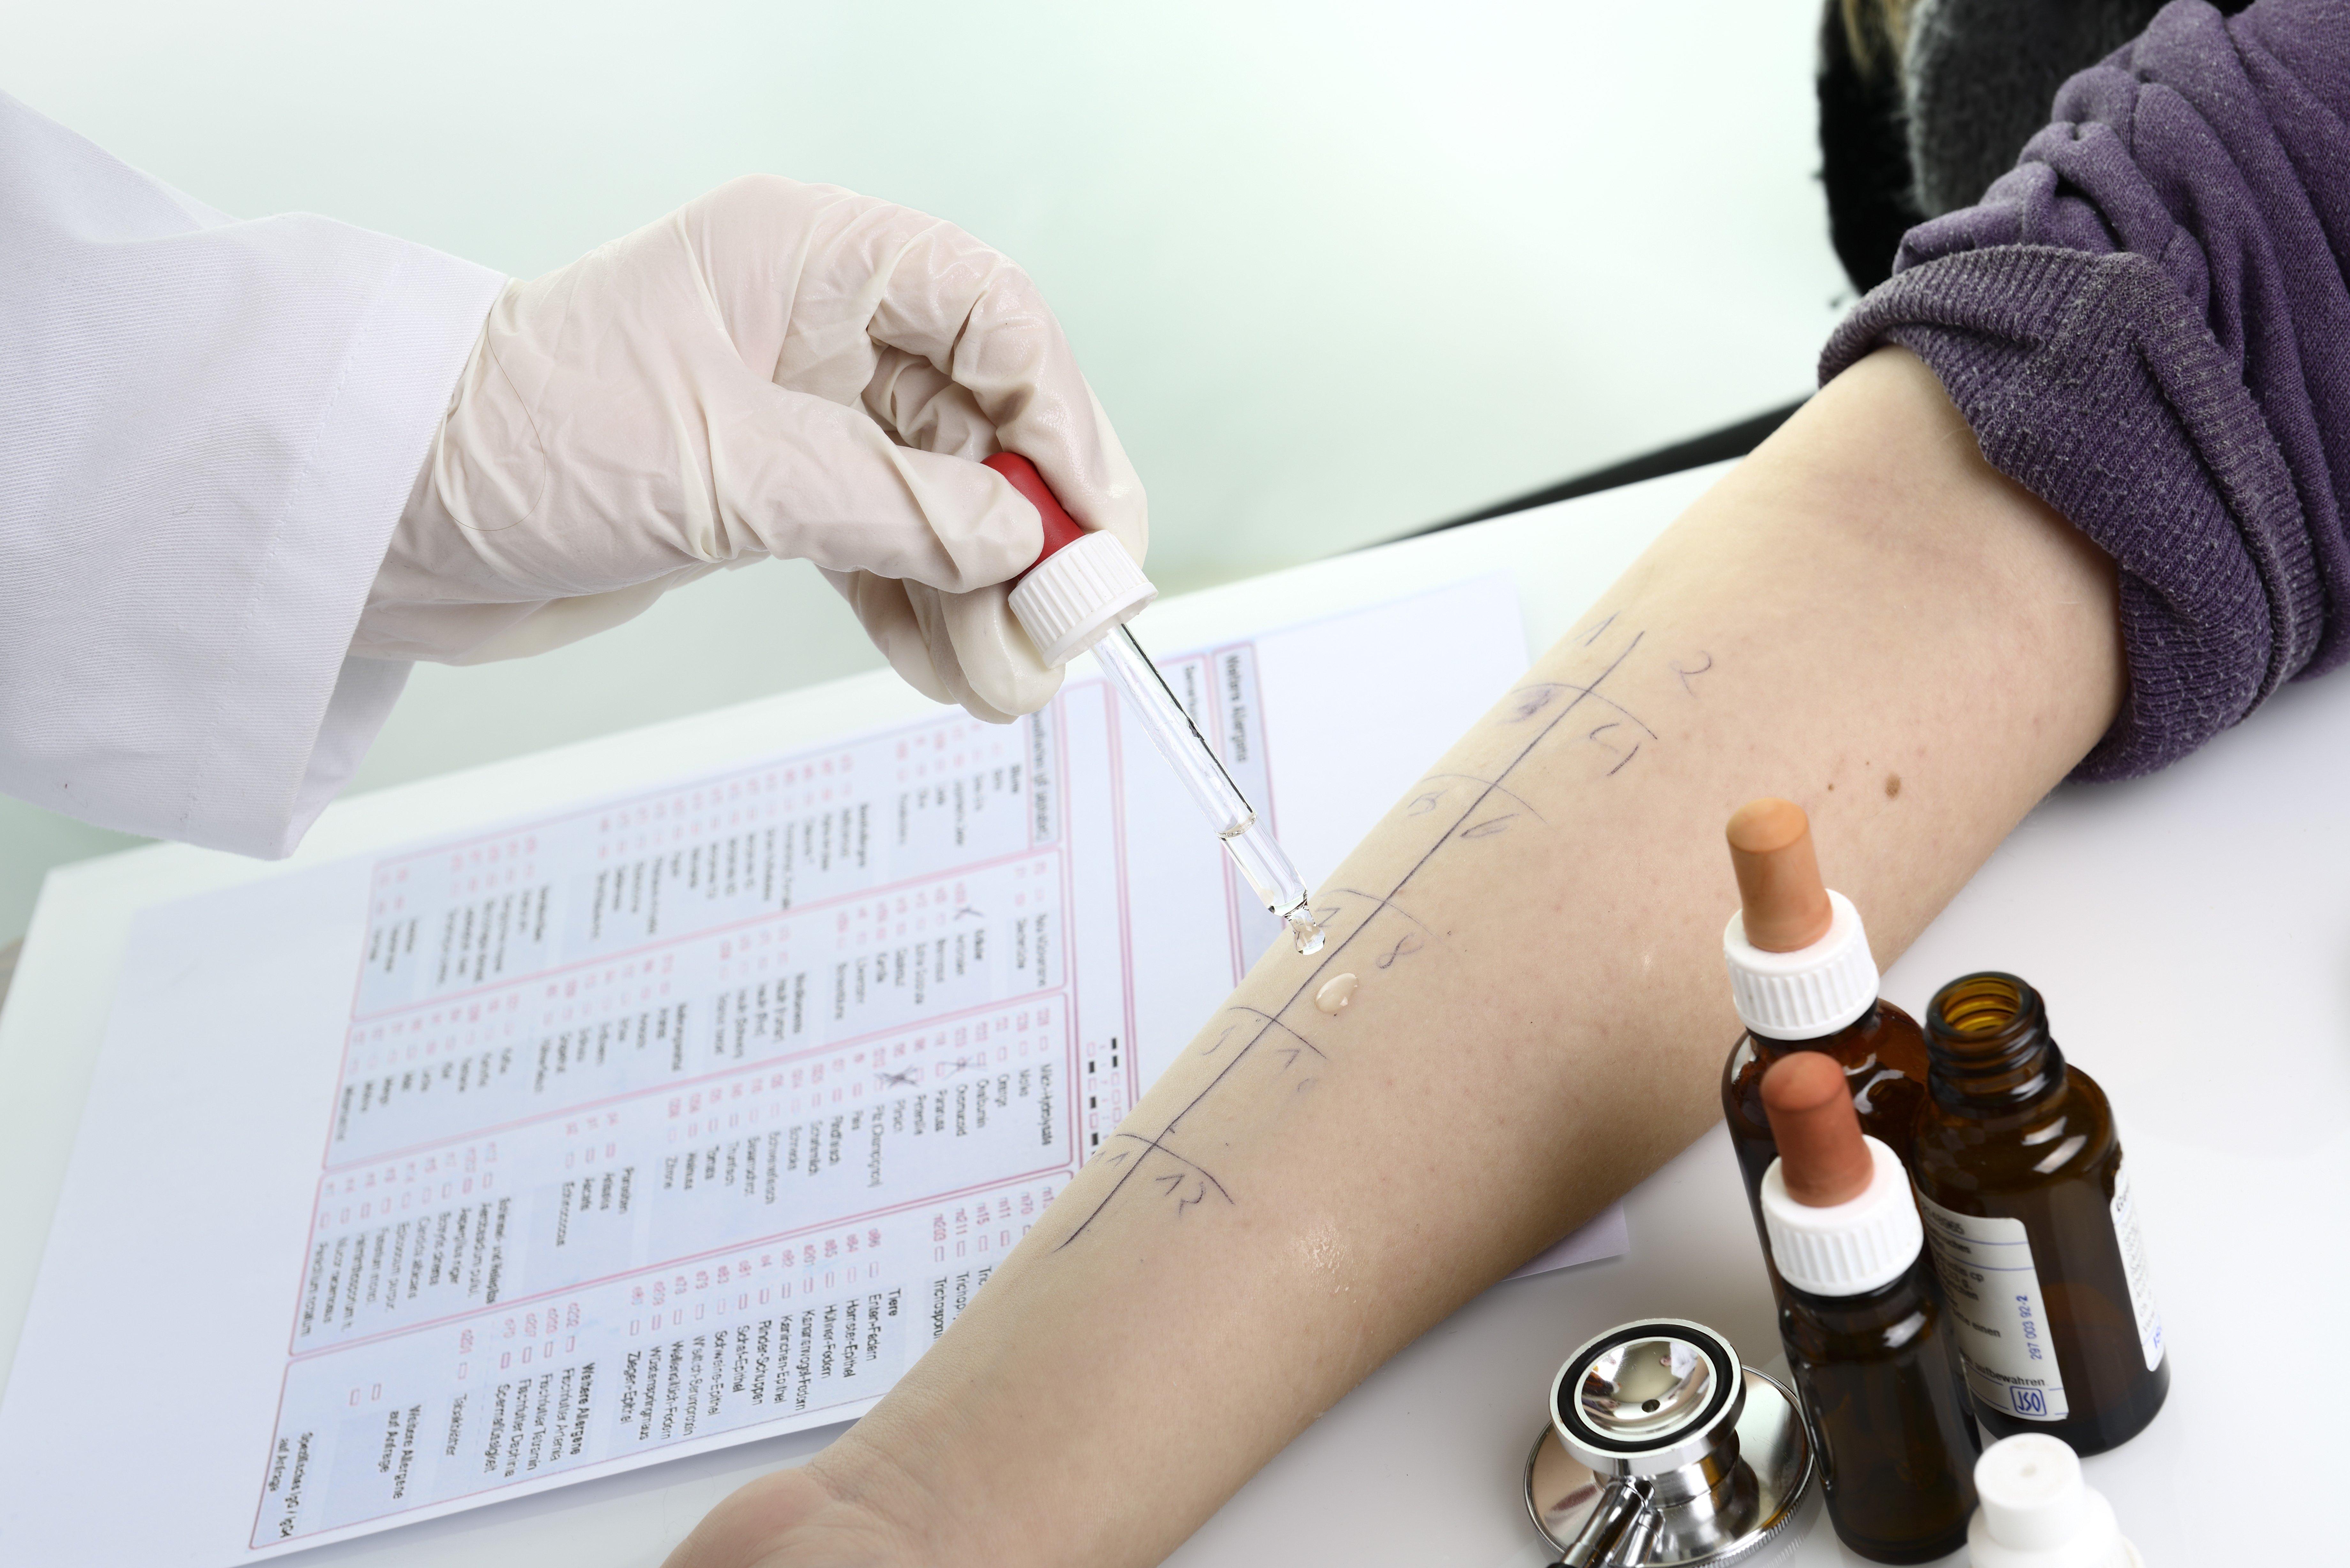 Аллергопробы для ребенка: анализы крови, провокационный тест и кожные пробы для выявления аллергена